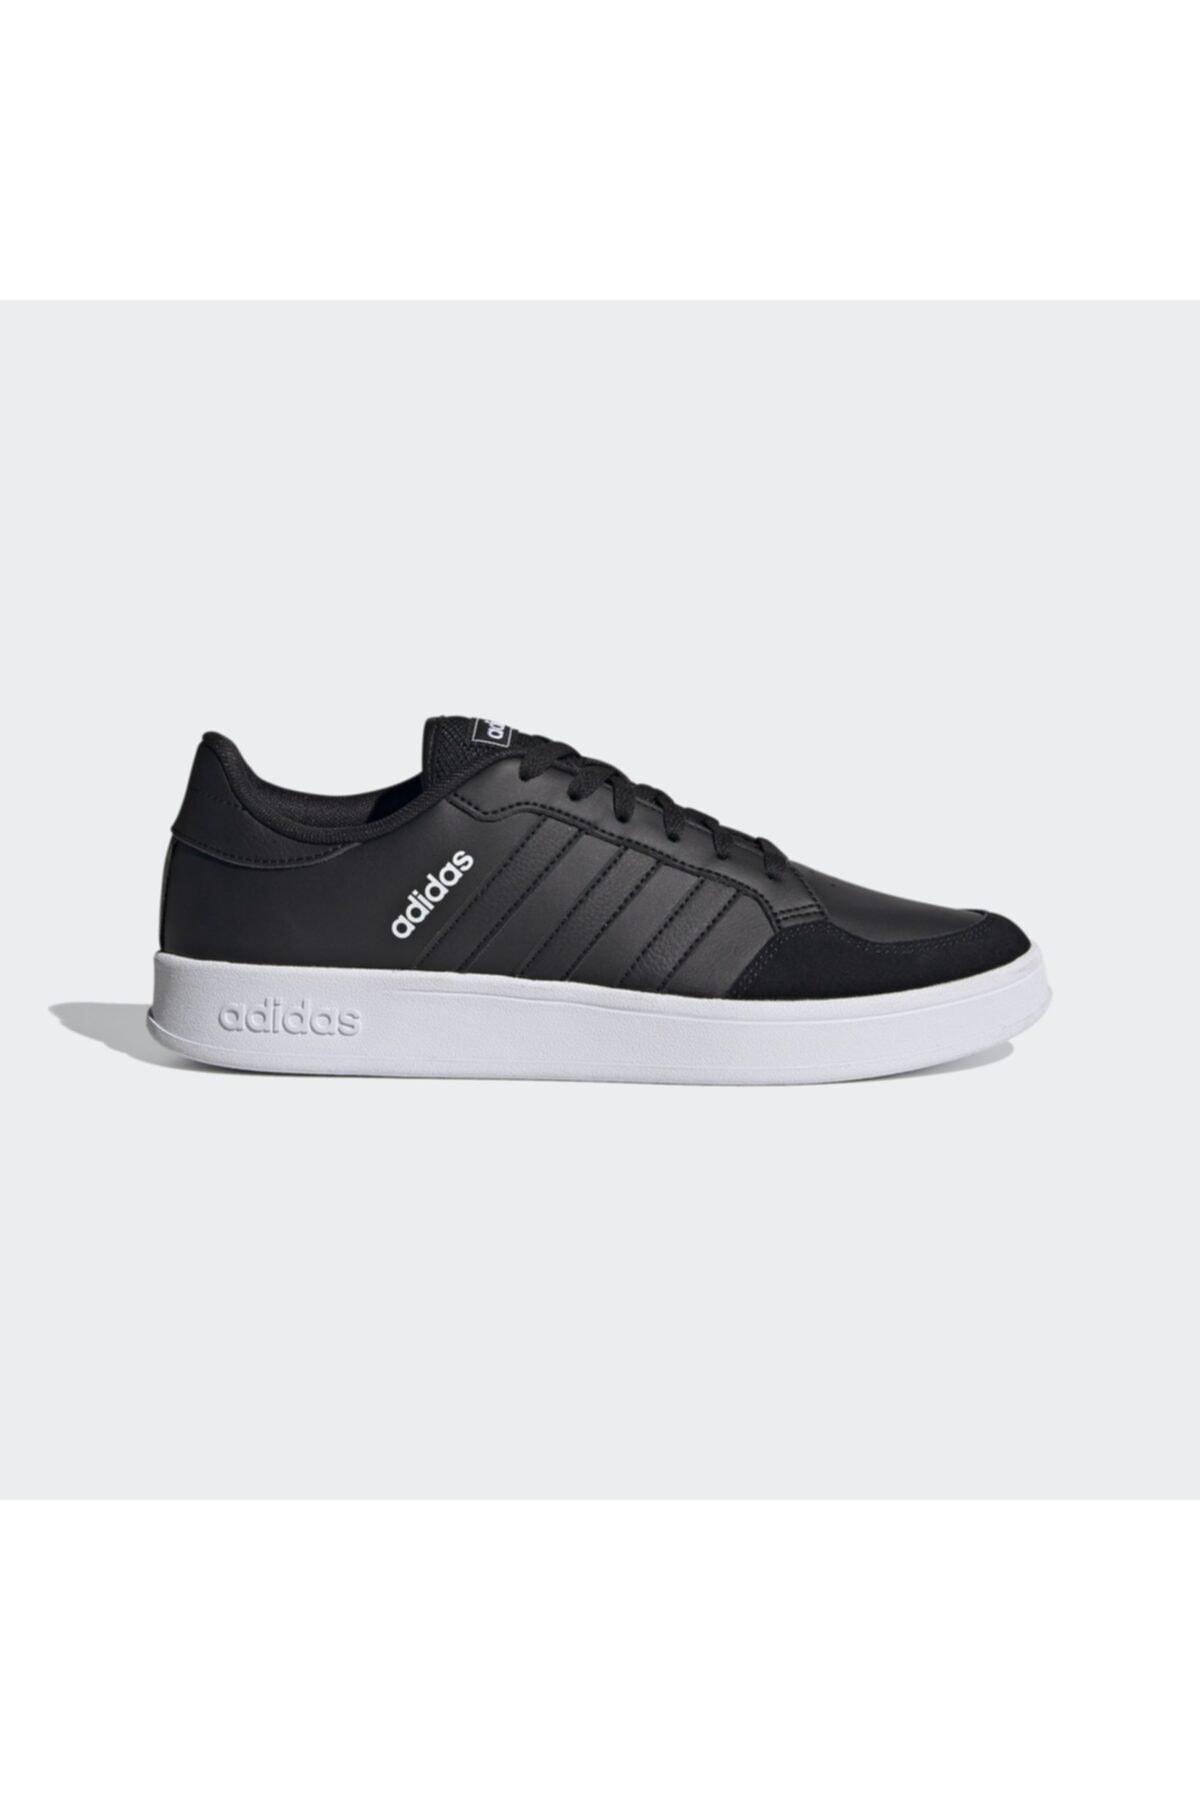 Fz1840 Breaknet Günlük Sneaker Ayakkabı